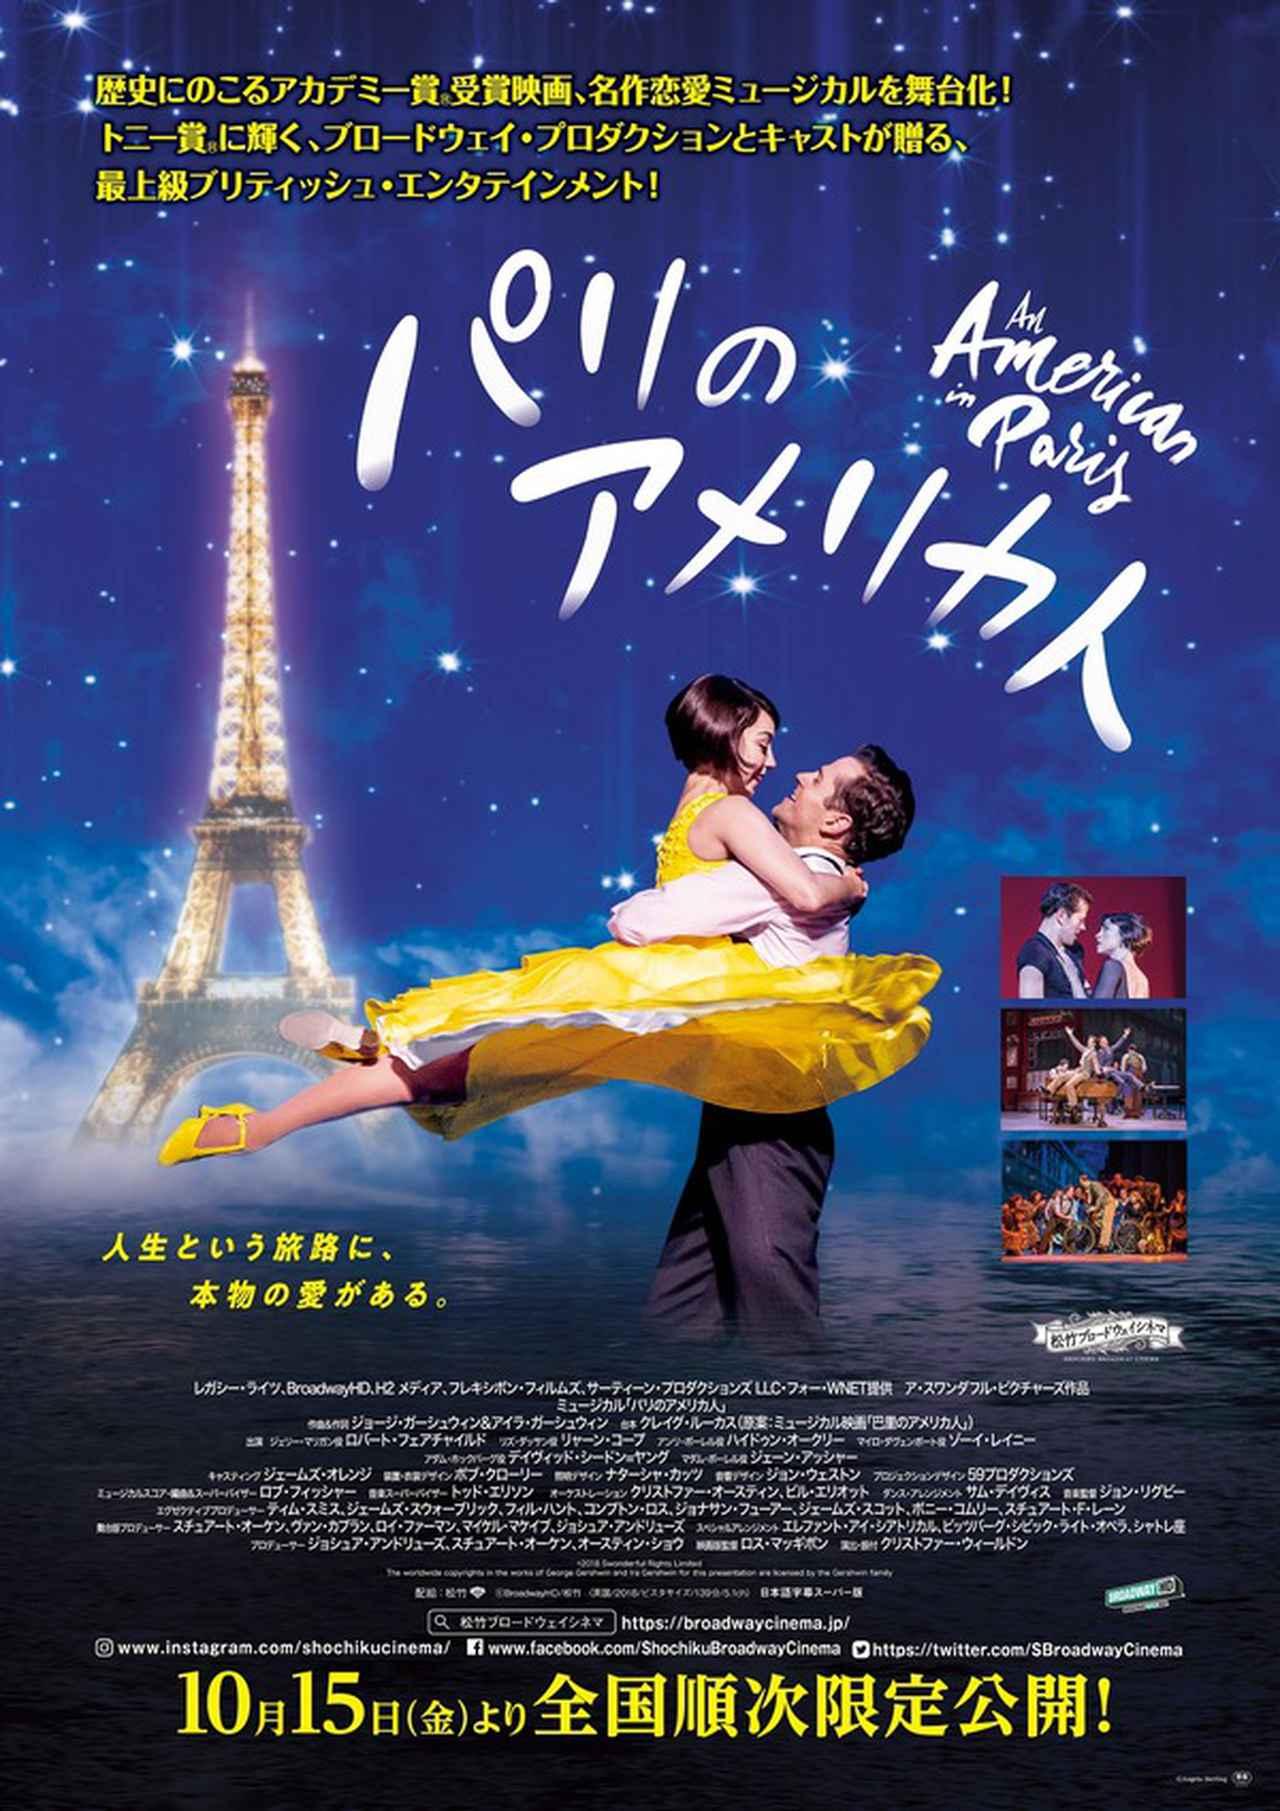 画像: 『松竹ブロードウェイシネマ/『パリのアメリカ人』』作品情報 | cinemacafe.net